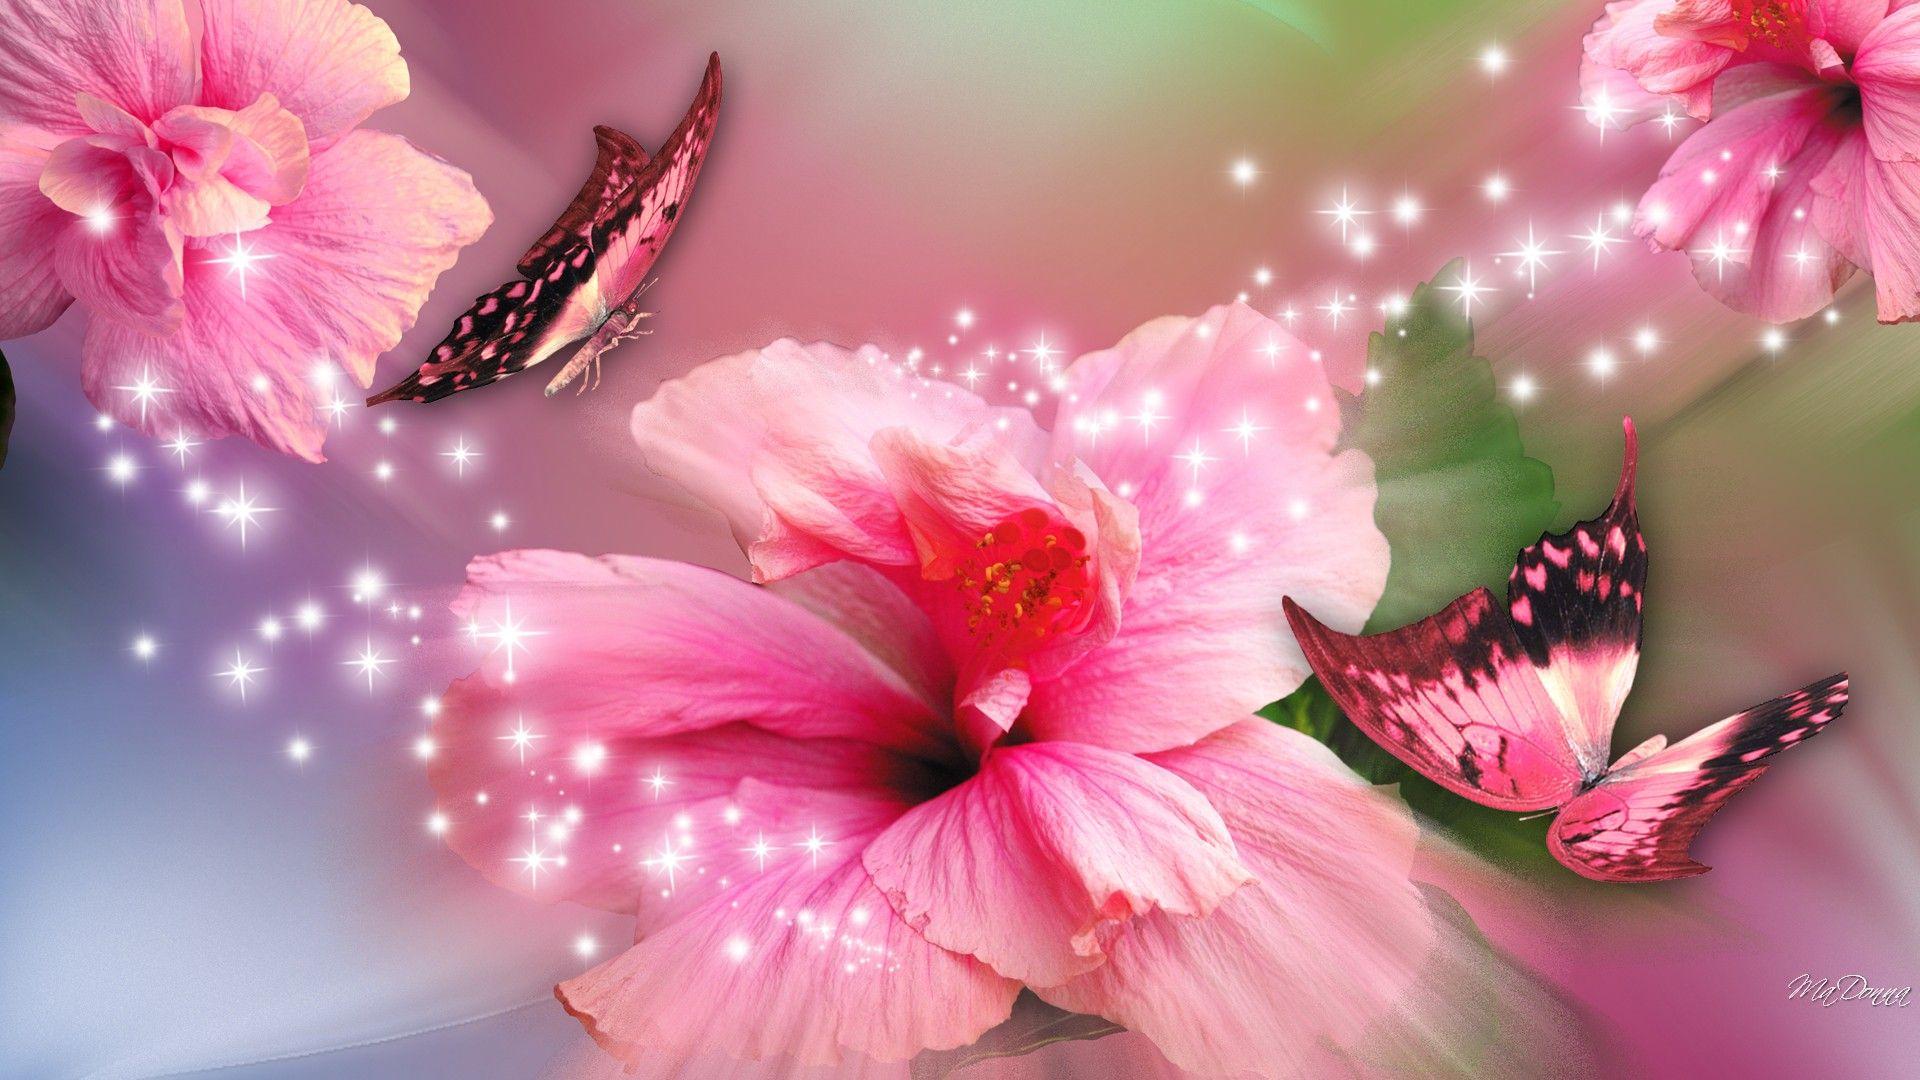 Flowers And Erflies Pink